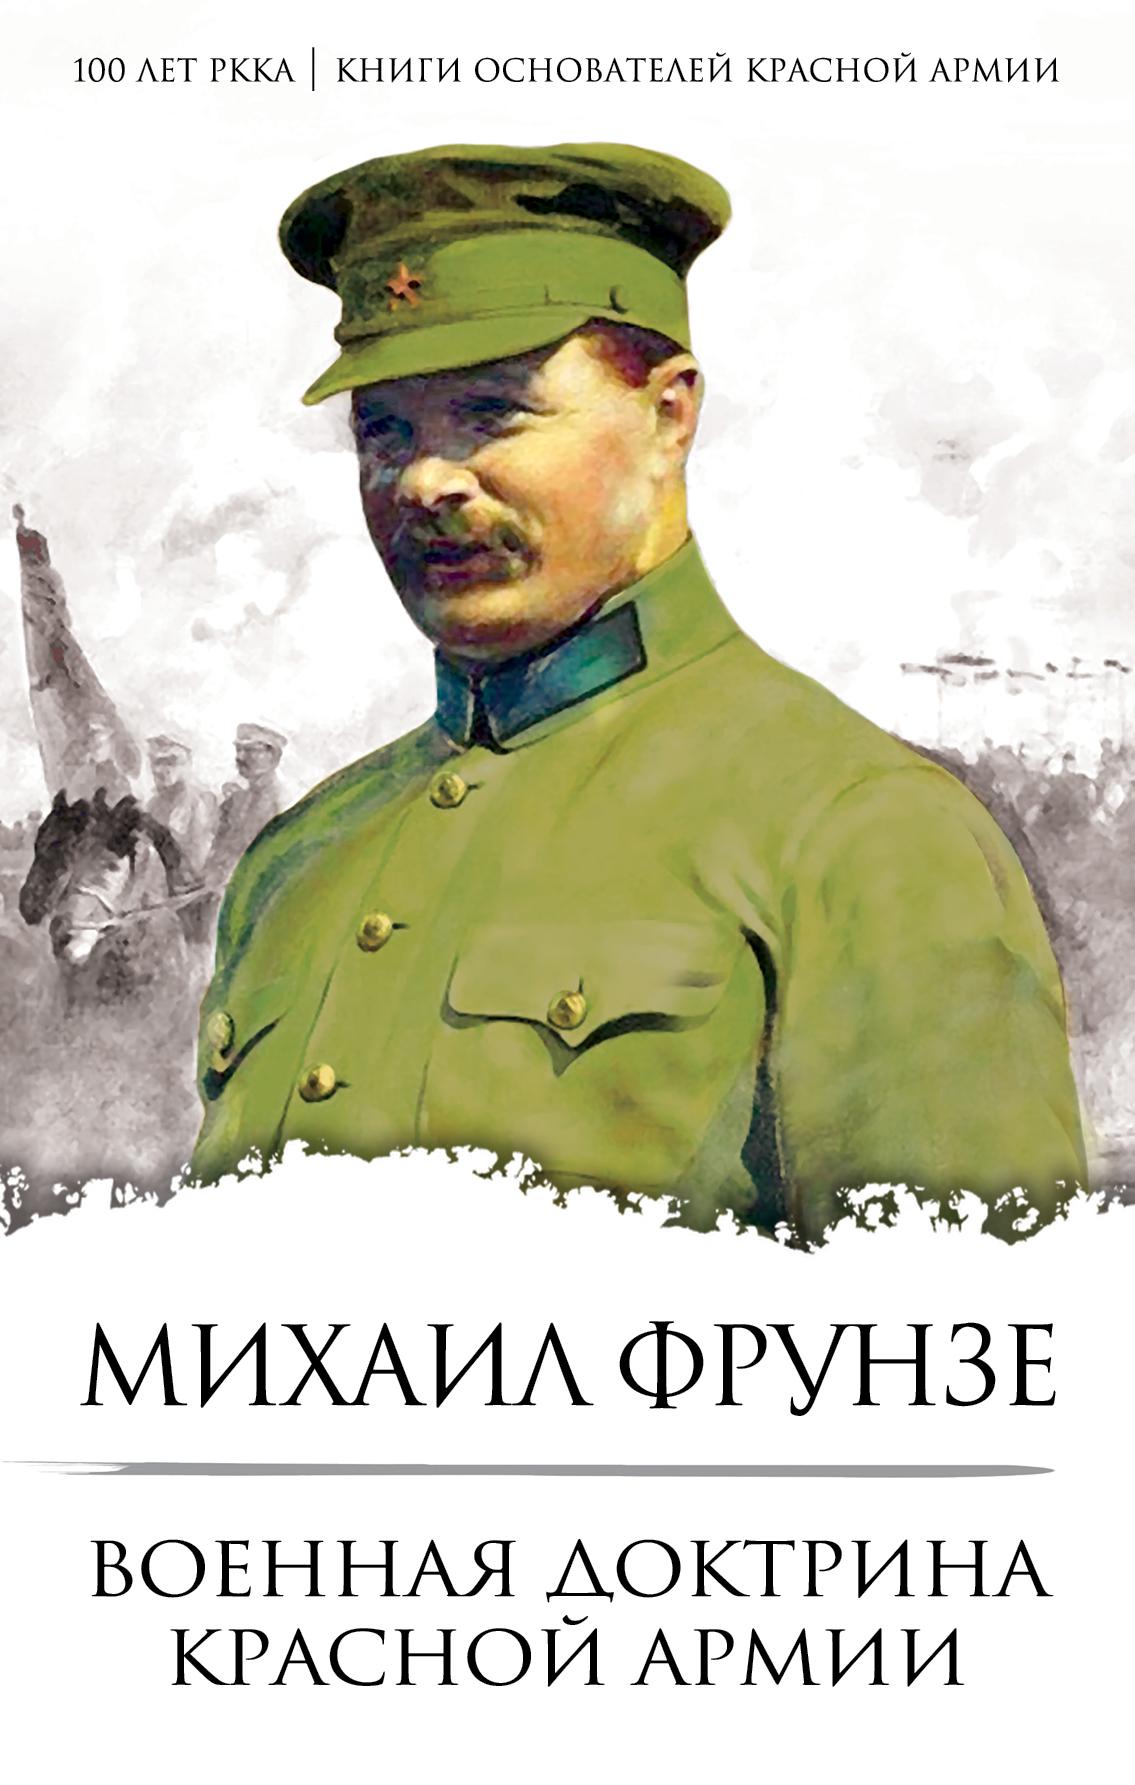 Михаил Васильевич Фрунзе Военная доктрина Красной Армии ISBN: 978-5-907024-21-2